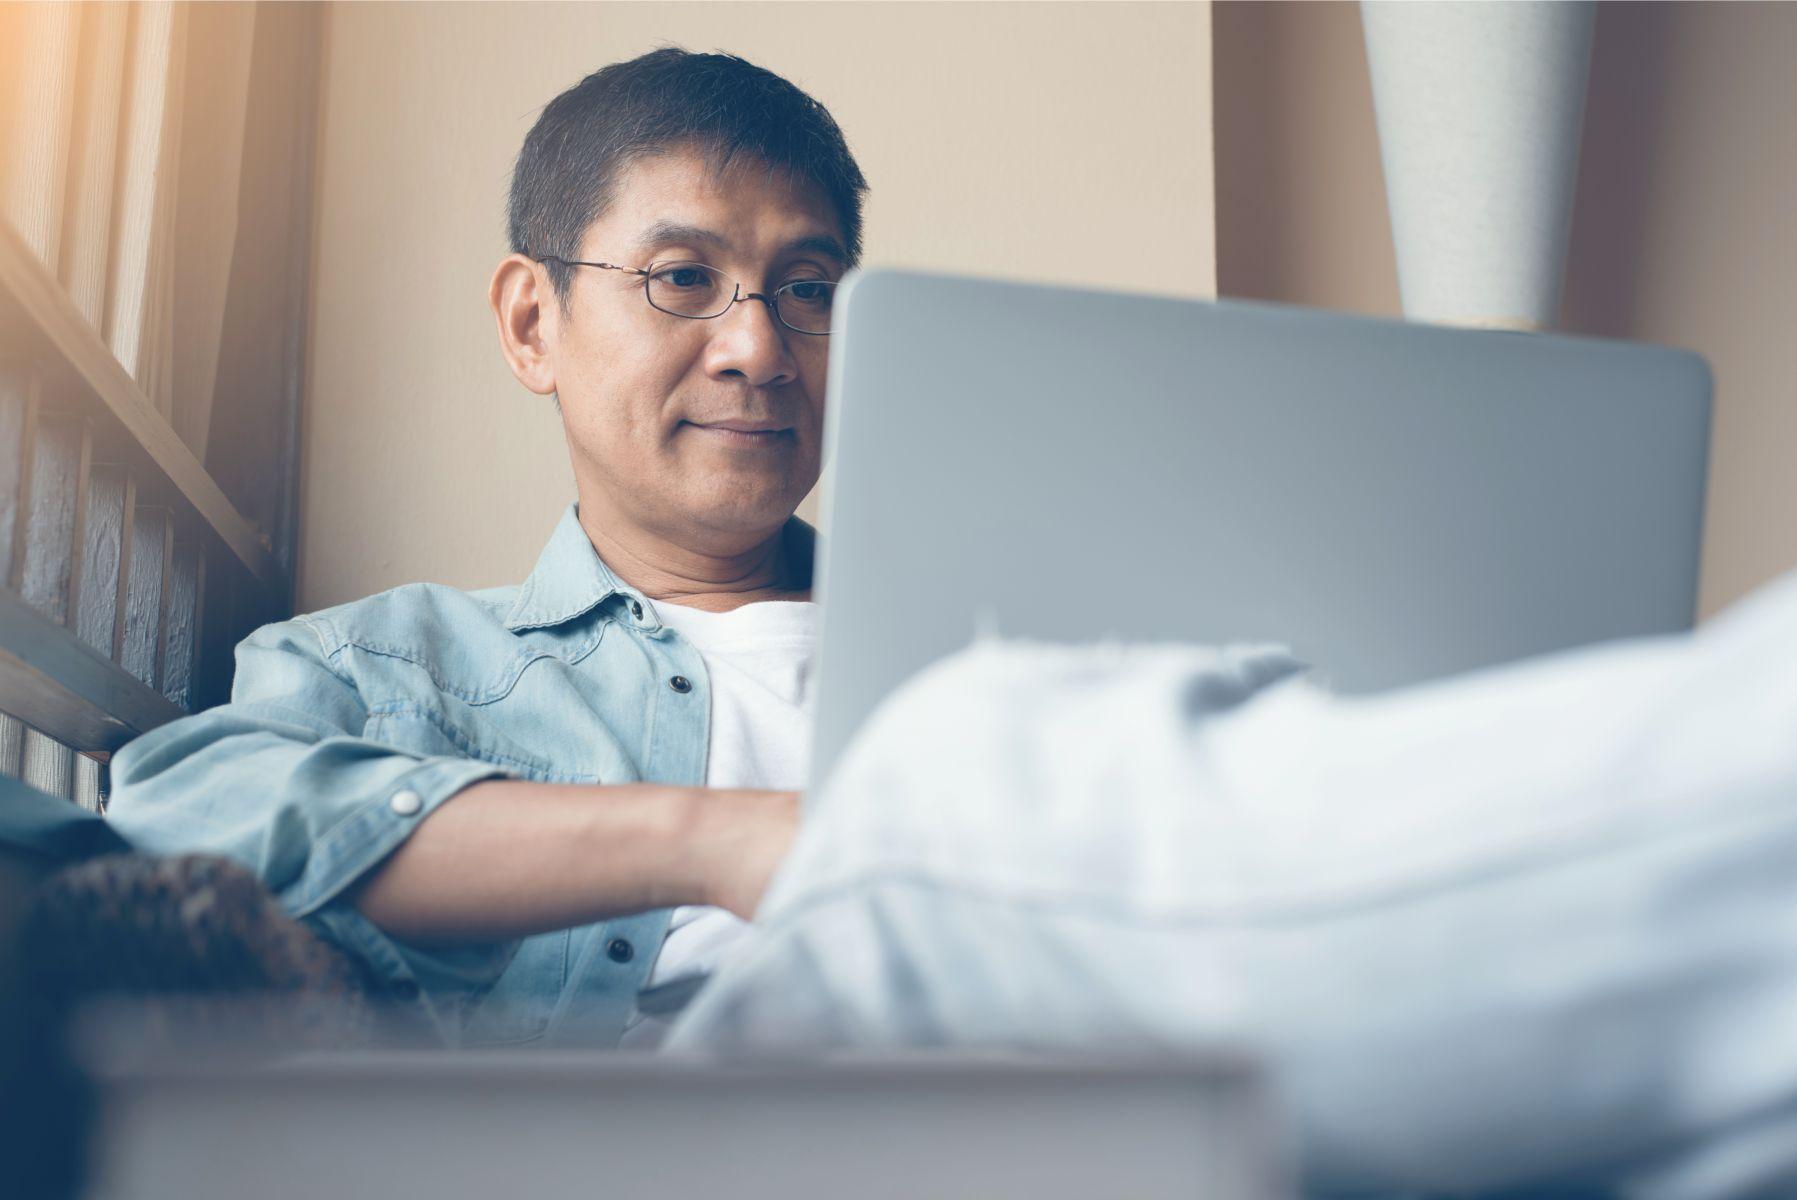 超前部署,自己的退休金自己救!中年必學的「資產配置」,降低風險獲利更穩健